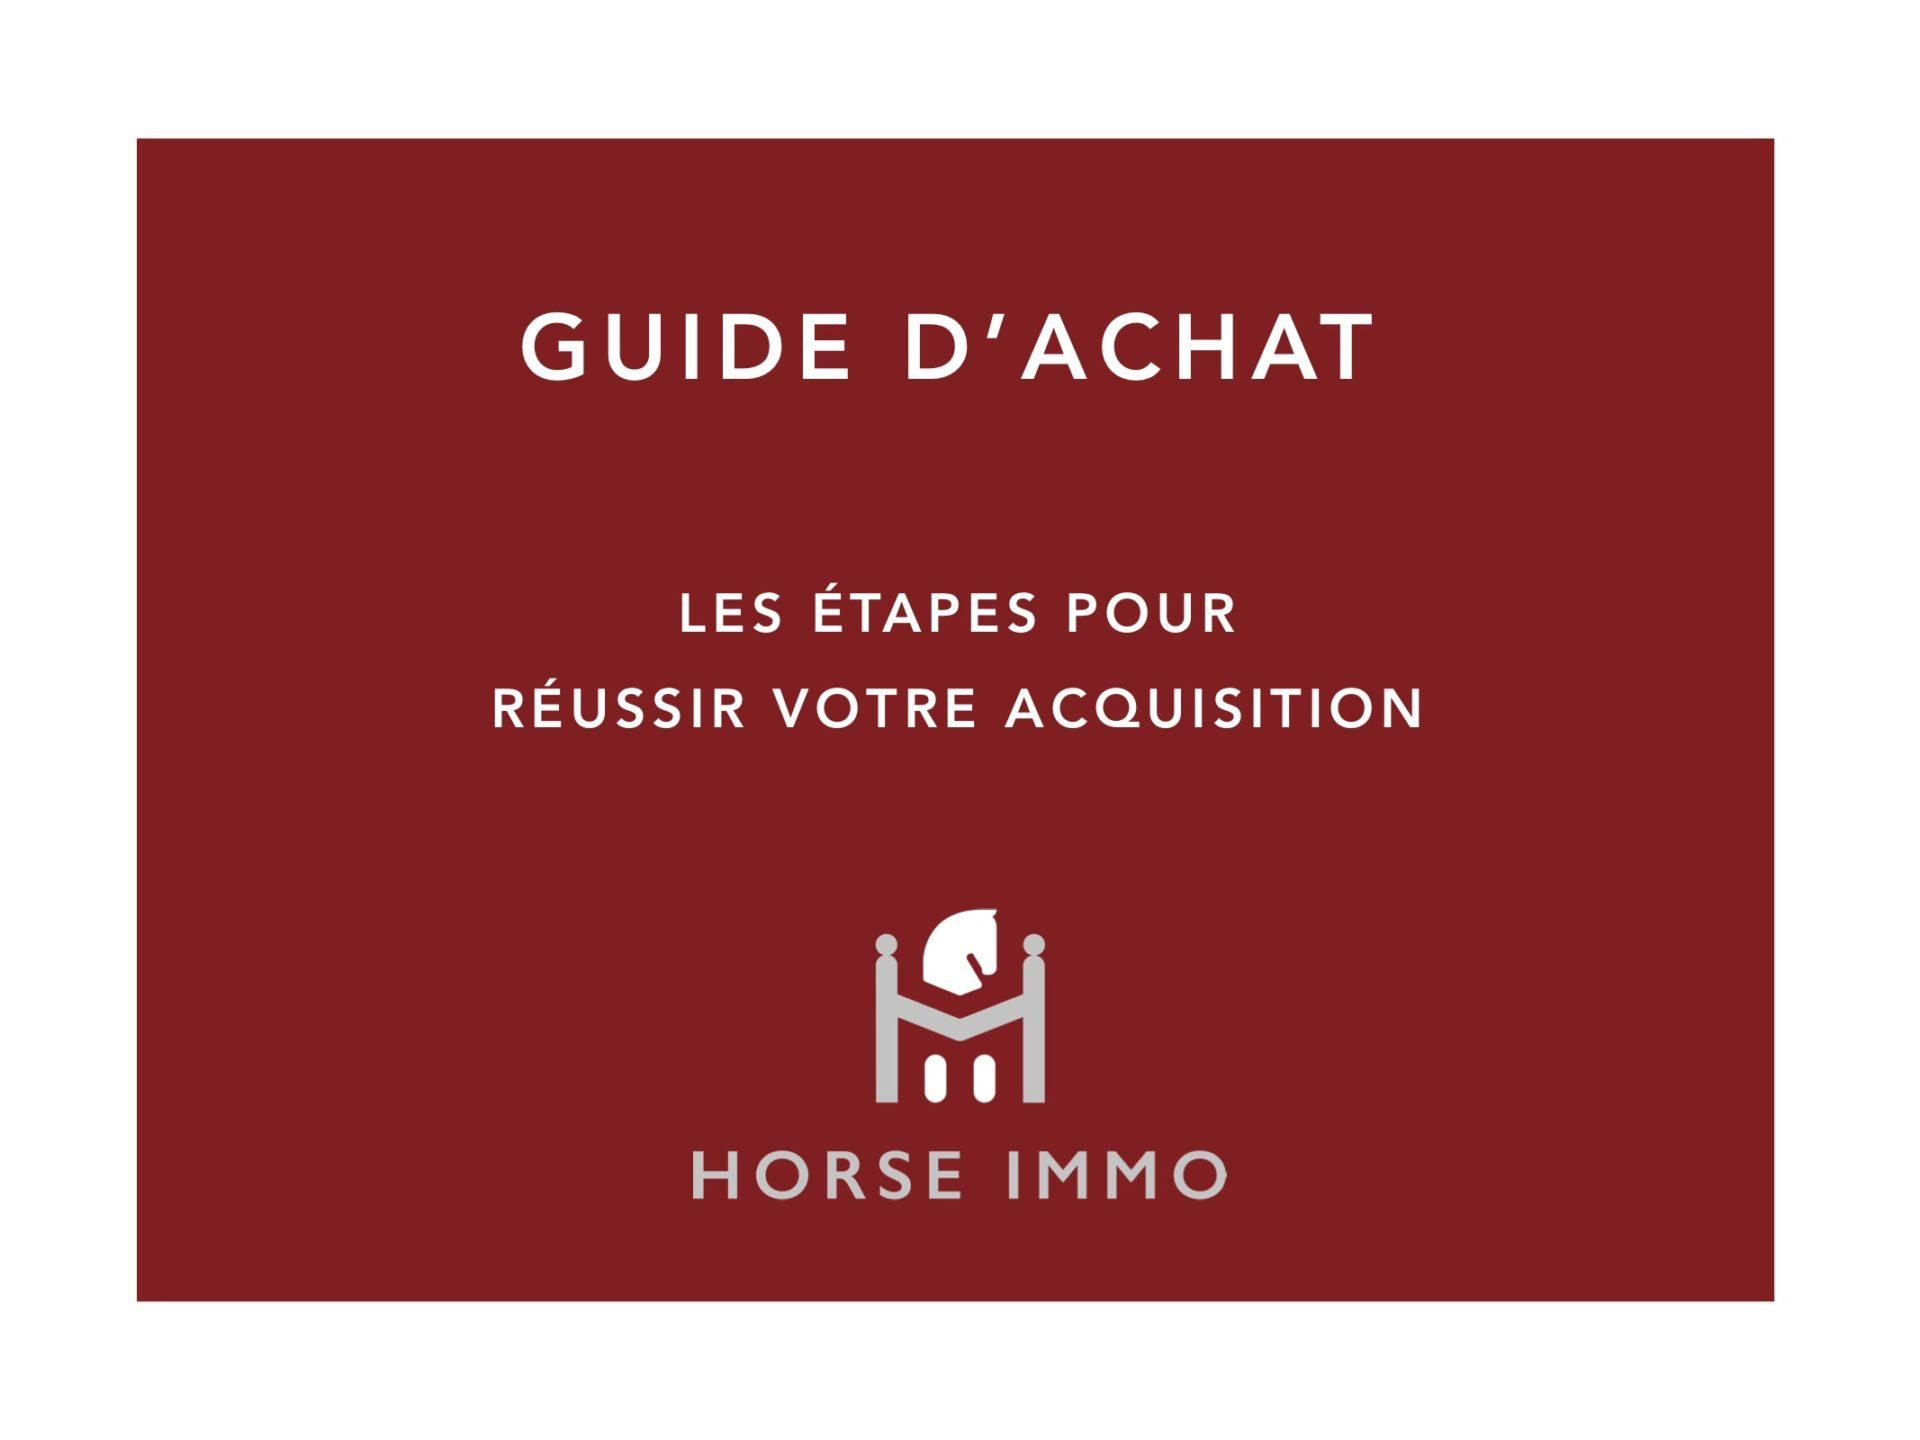 GUIDE ACHAT 2021 copie 1920x1440 - Deux guides pratiques pour vendre et acheter votre propriété équestre avec Horse Immo.